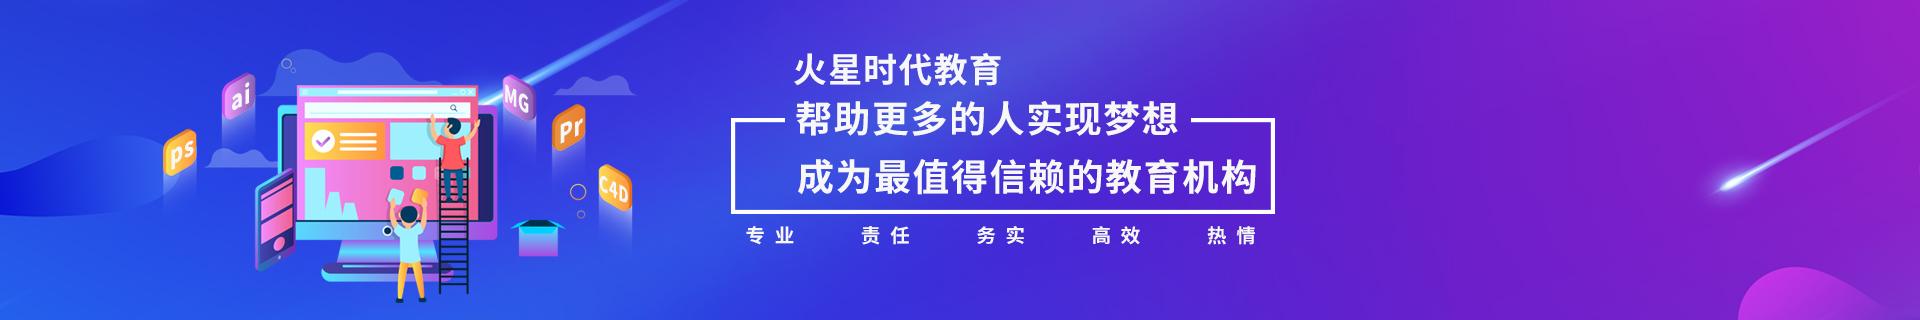 重庆南岸区火星时代教育机构